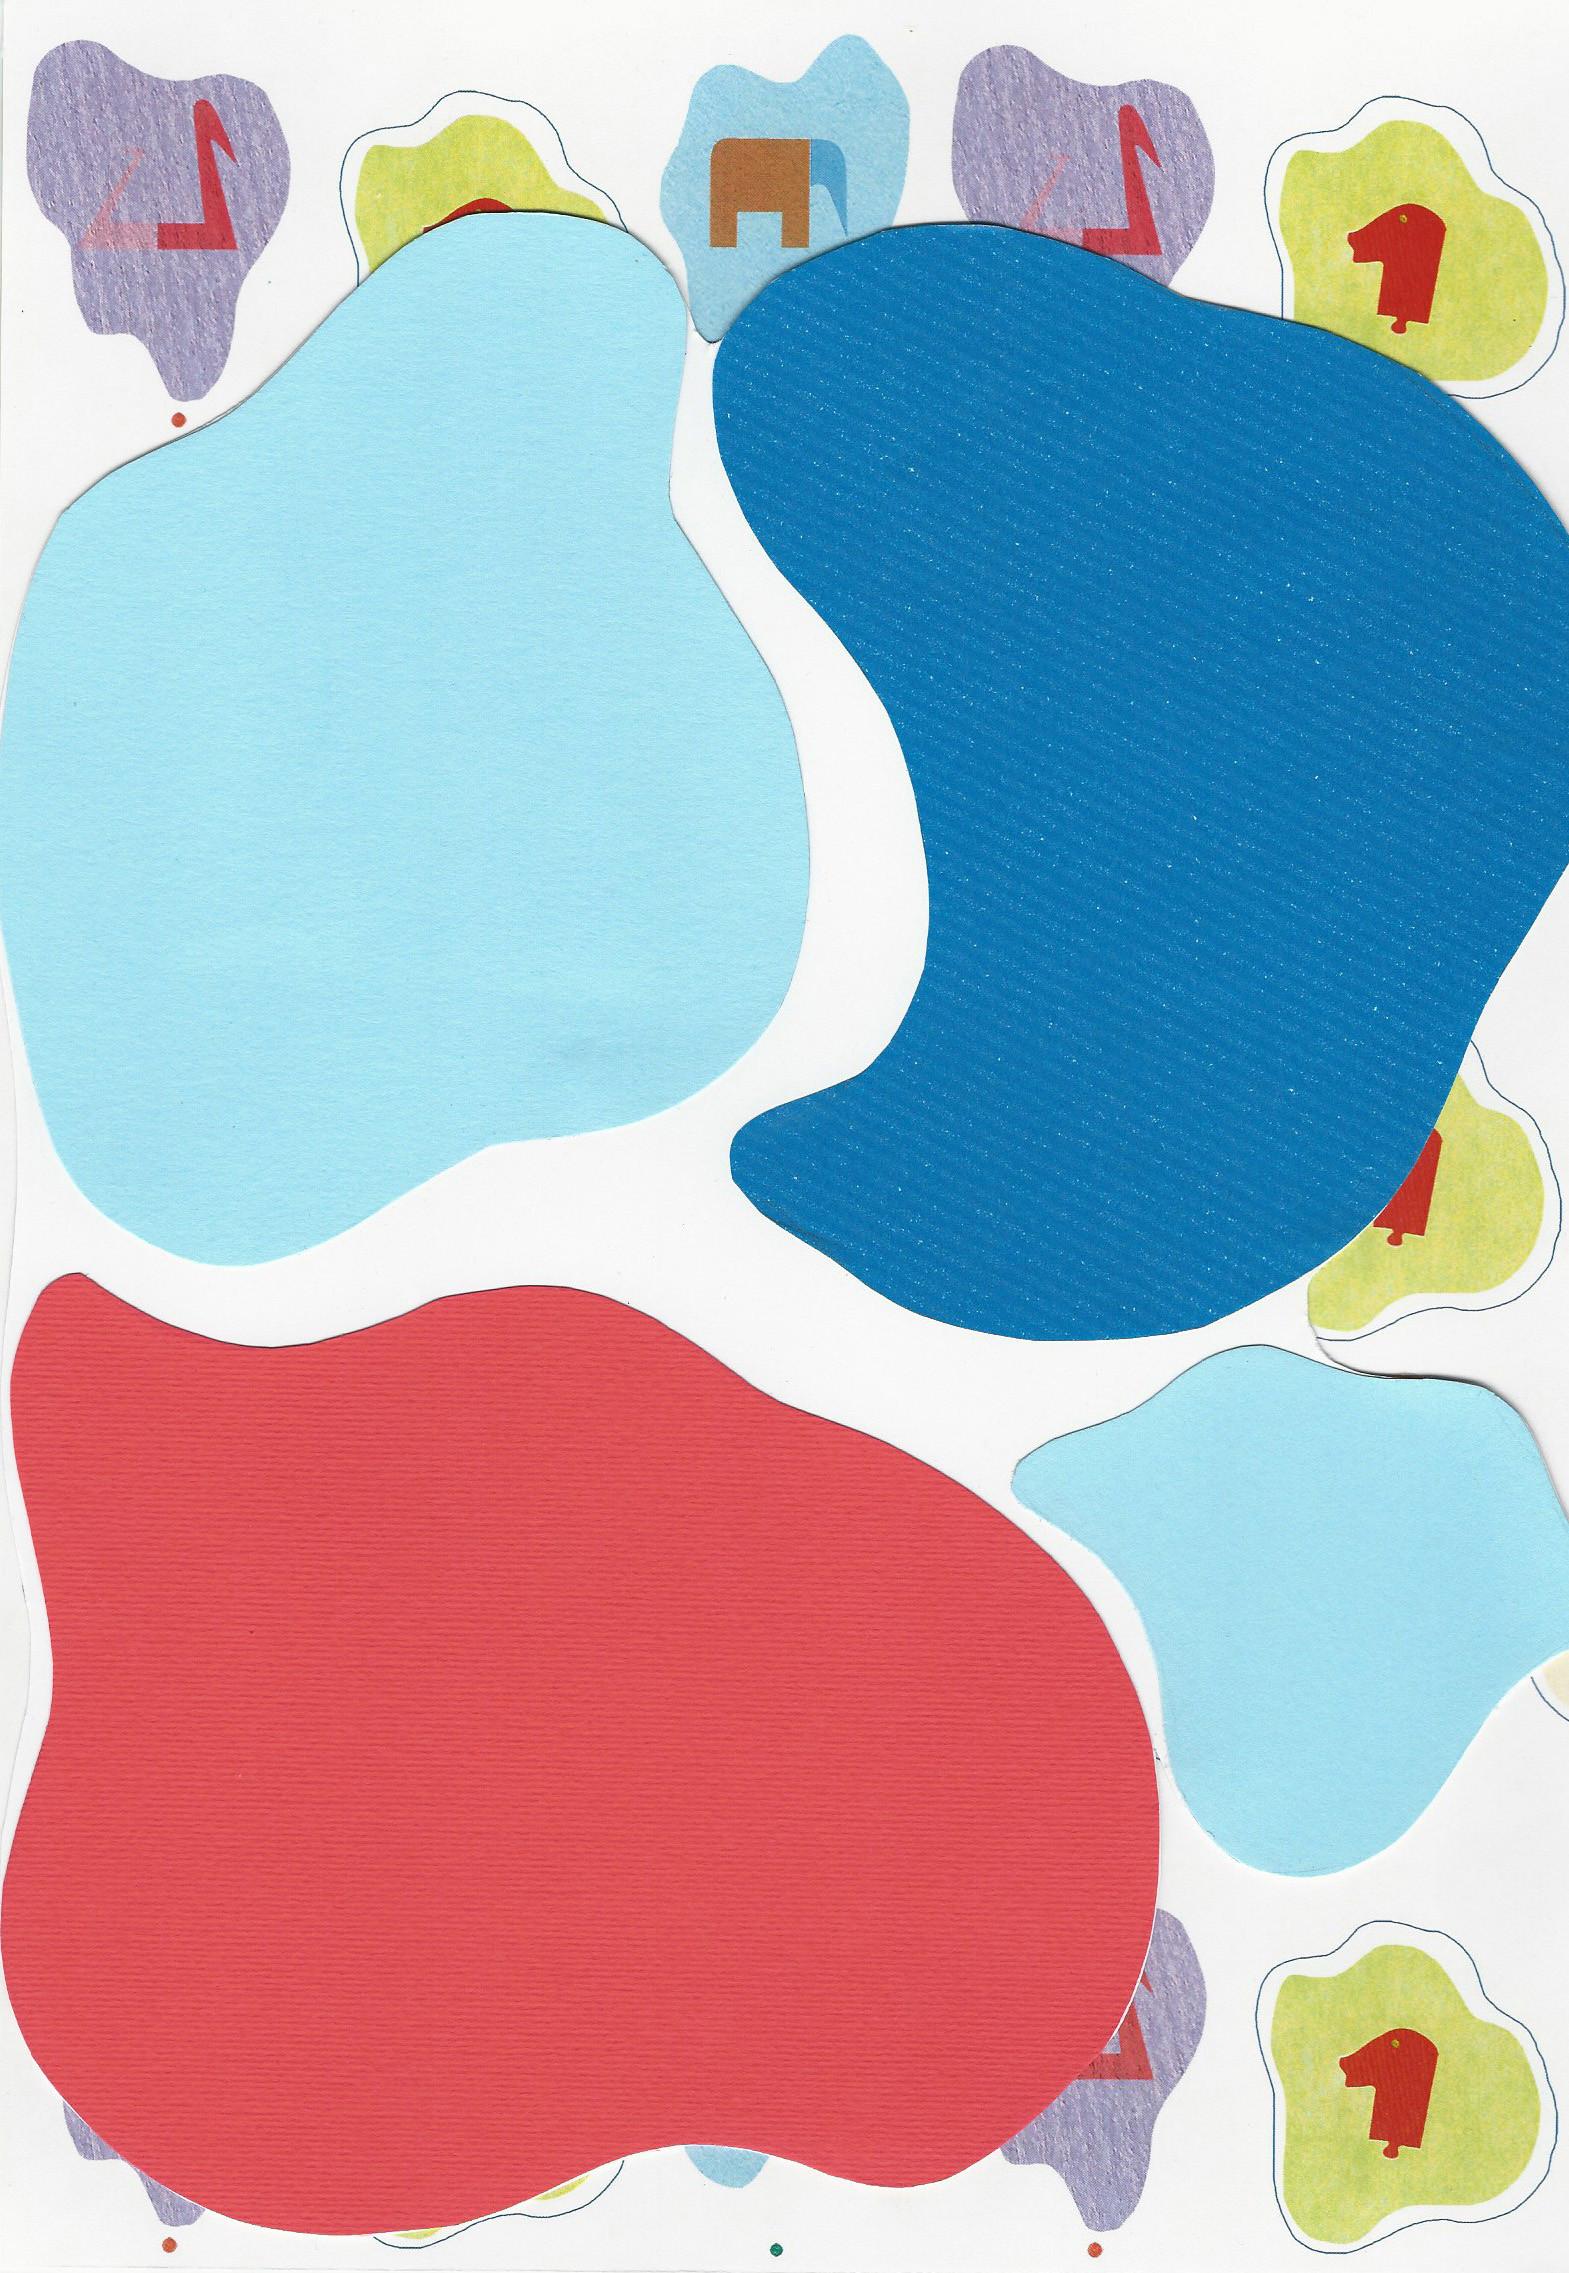 Queste ingombranti macchie formano delle pozzanghere colorate con il riflesso della carta